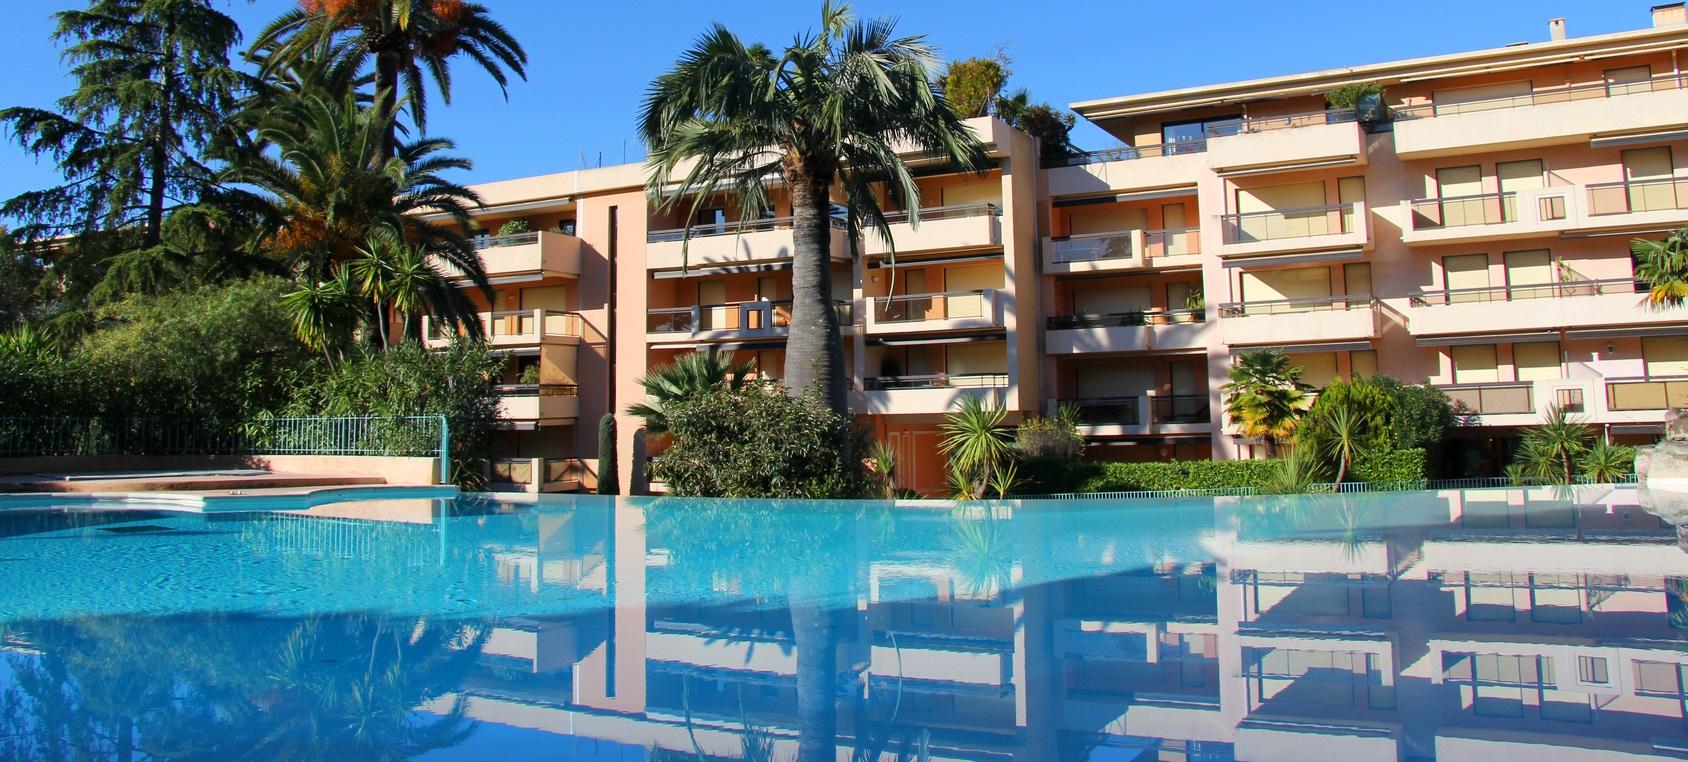 Entretien de piscine pour collectivites, copropriété, hôtels dans les Alpes Maritimes 06 - Vasta Piscine